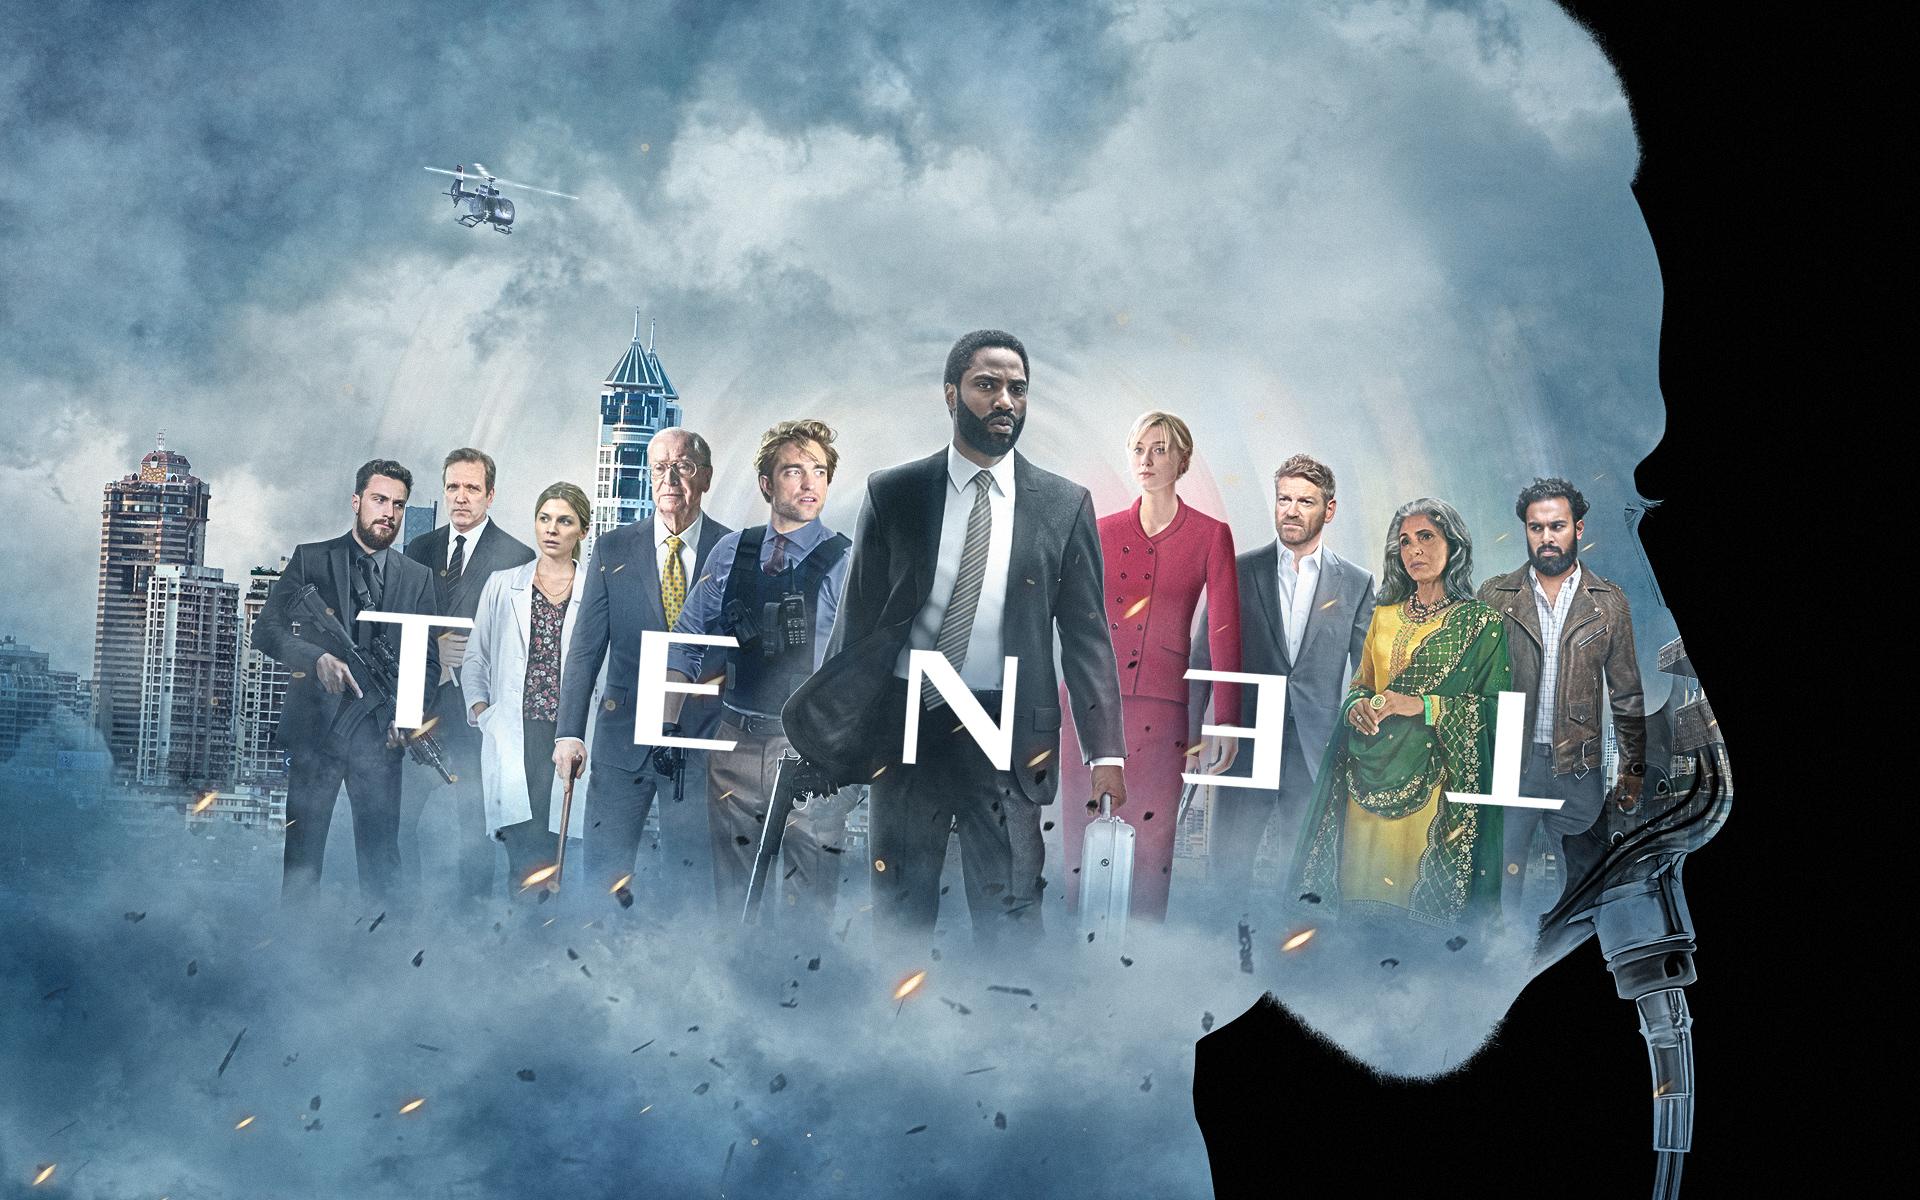 Phim Tenet của Christopher Nolan có nguy cơ bị hoãn - Ragus